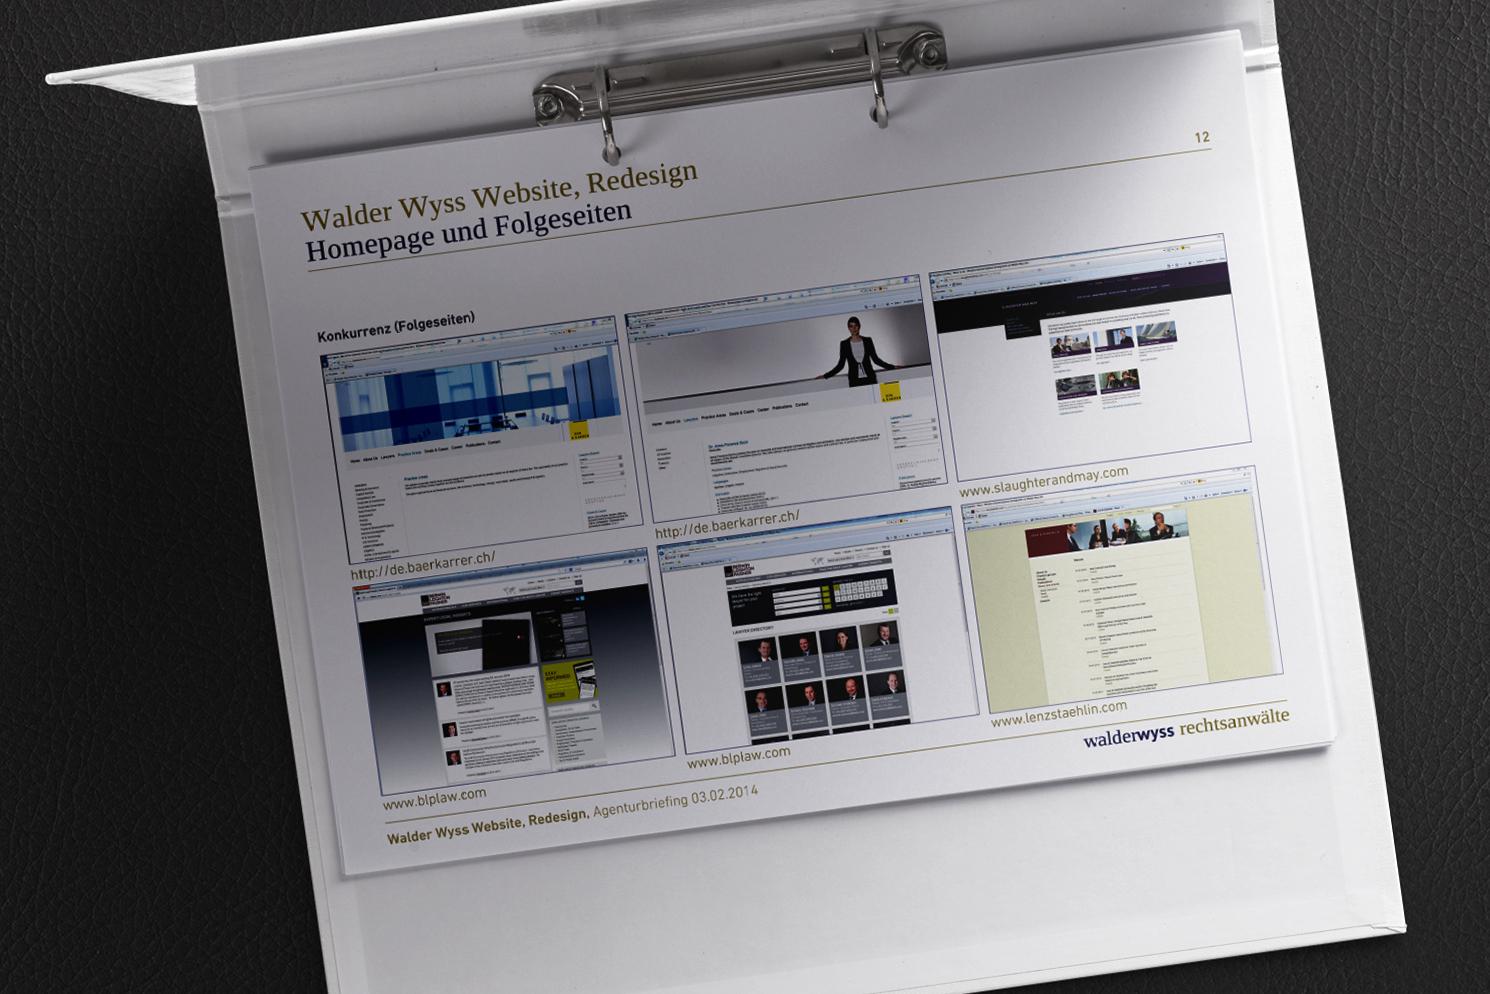 WW_Website_Slider5